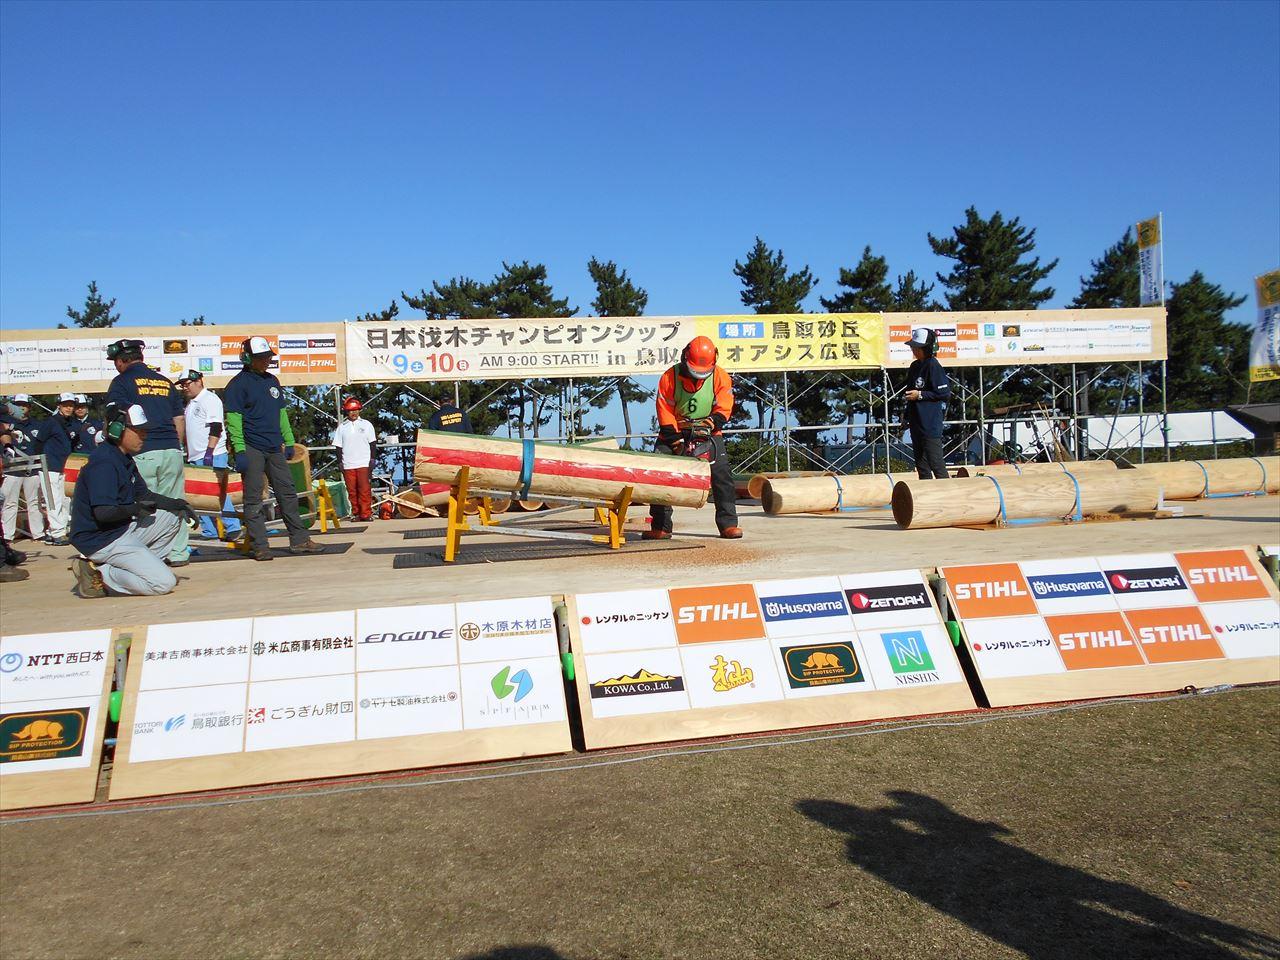 『日本伐木チャッピオンシップin鳥取』、競技会の様子報告